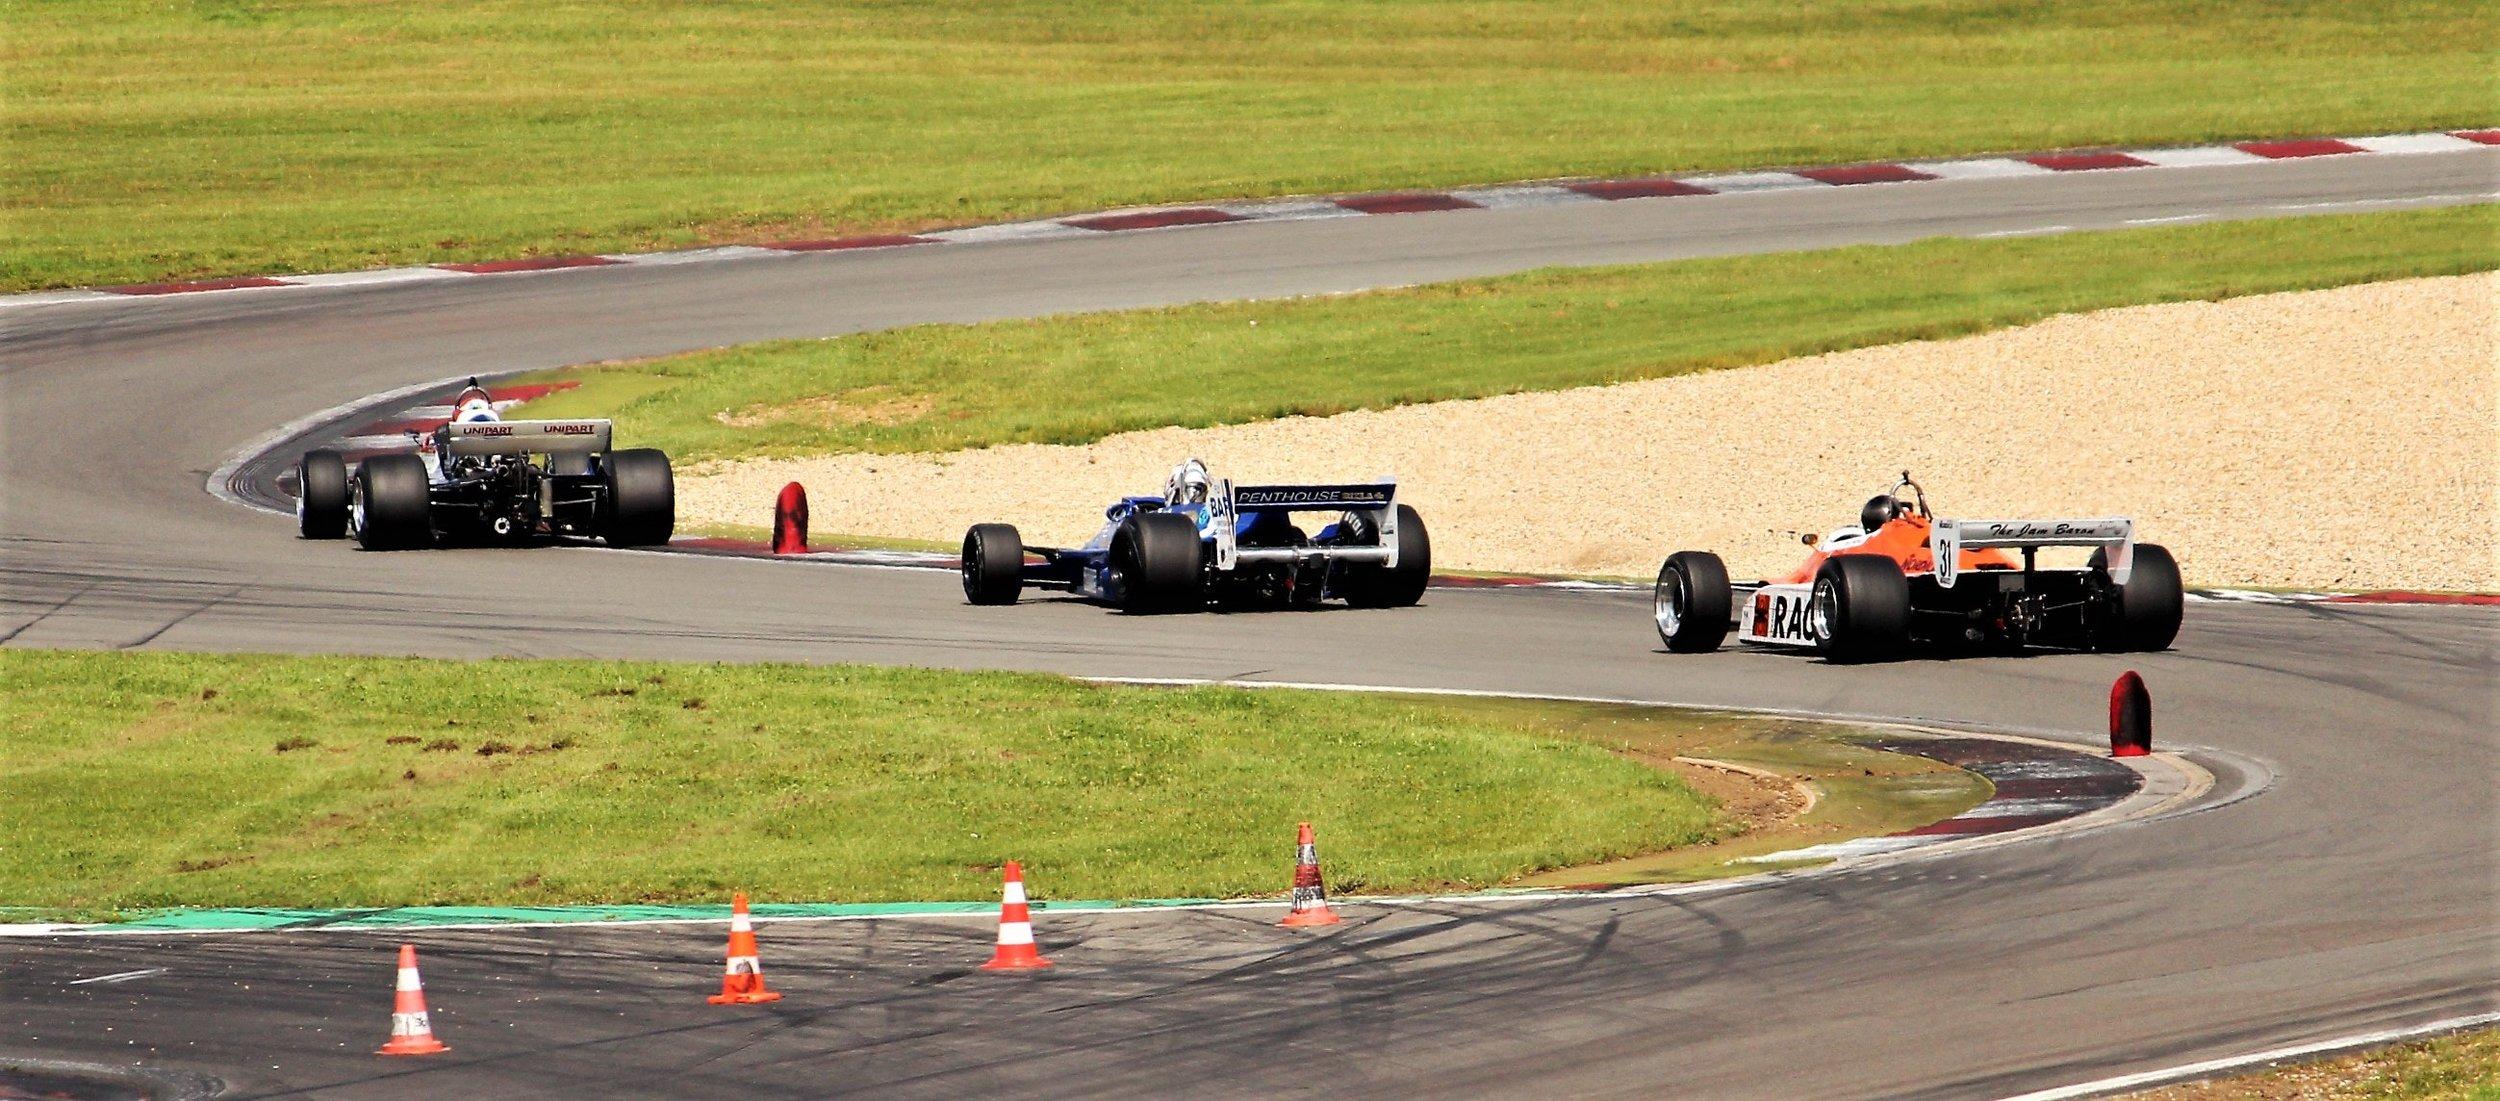 F1-Car-4.jpg